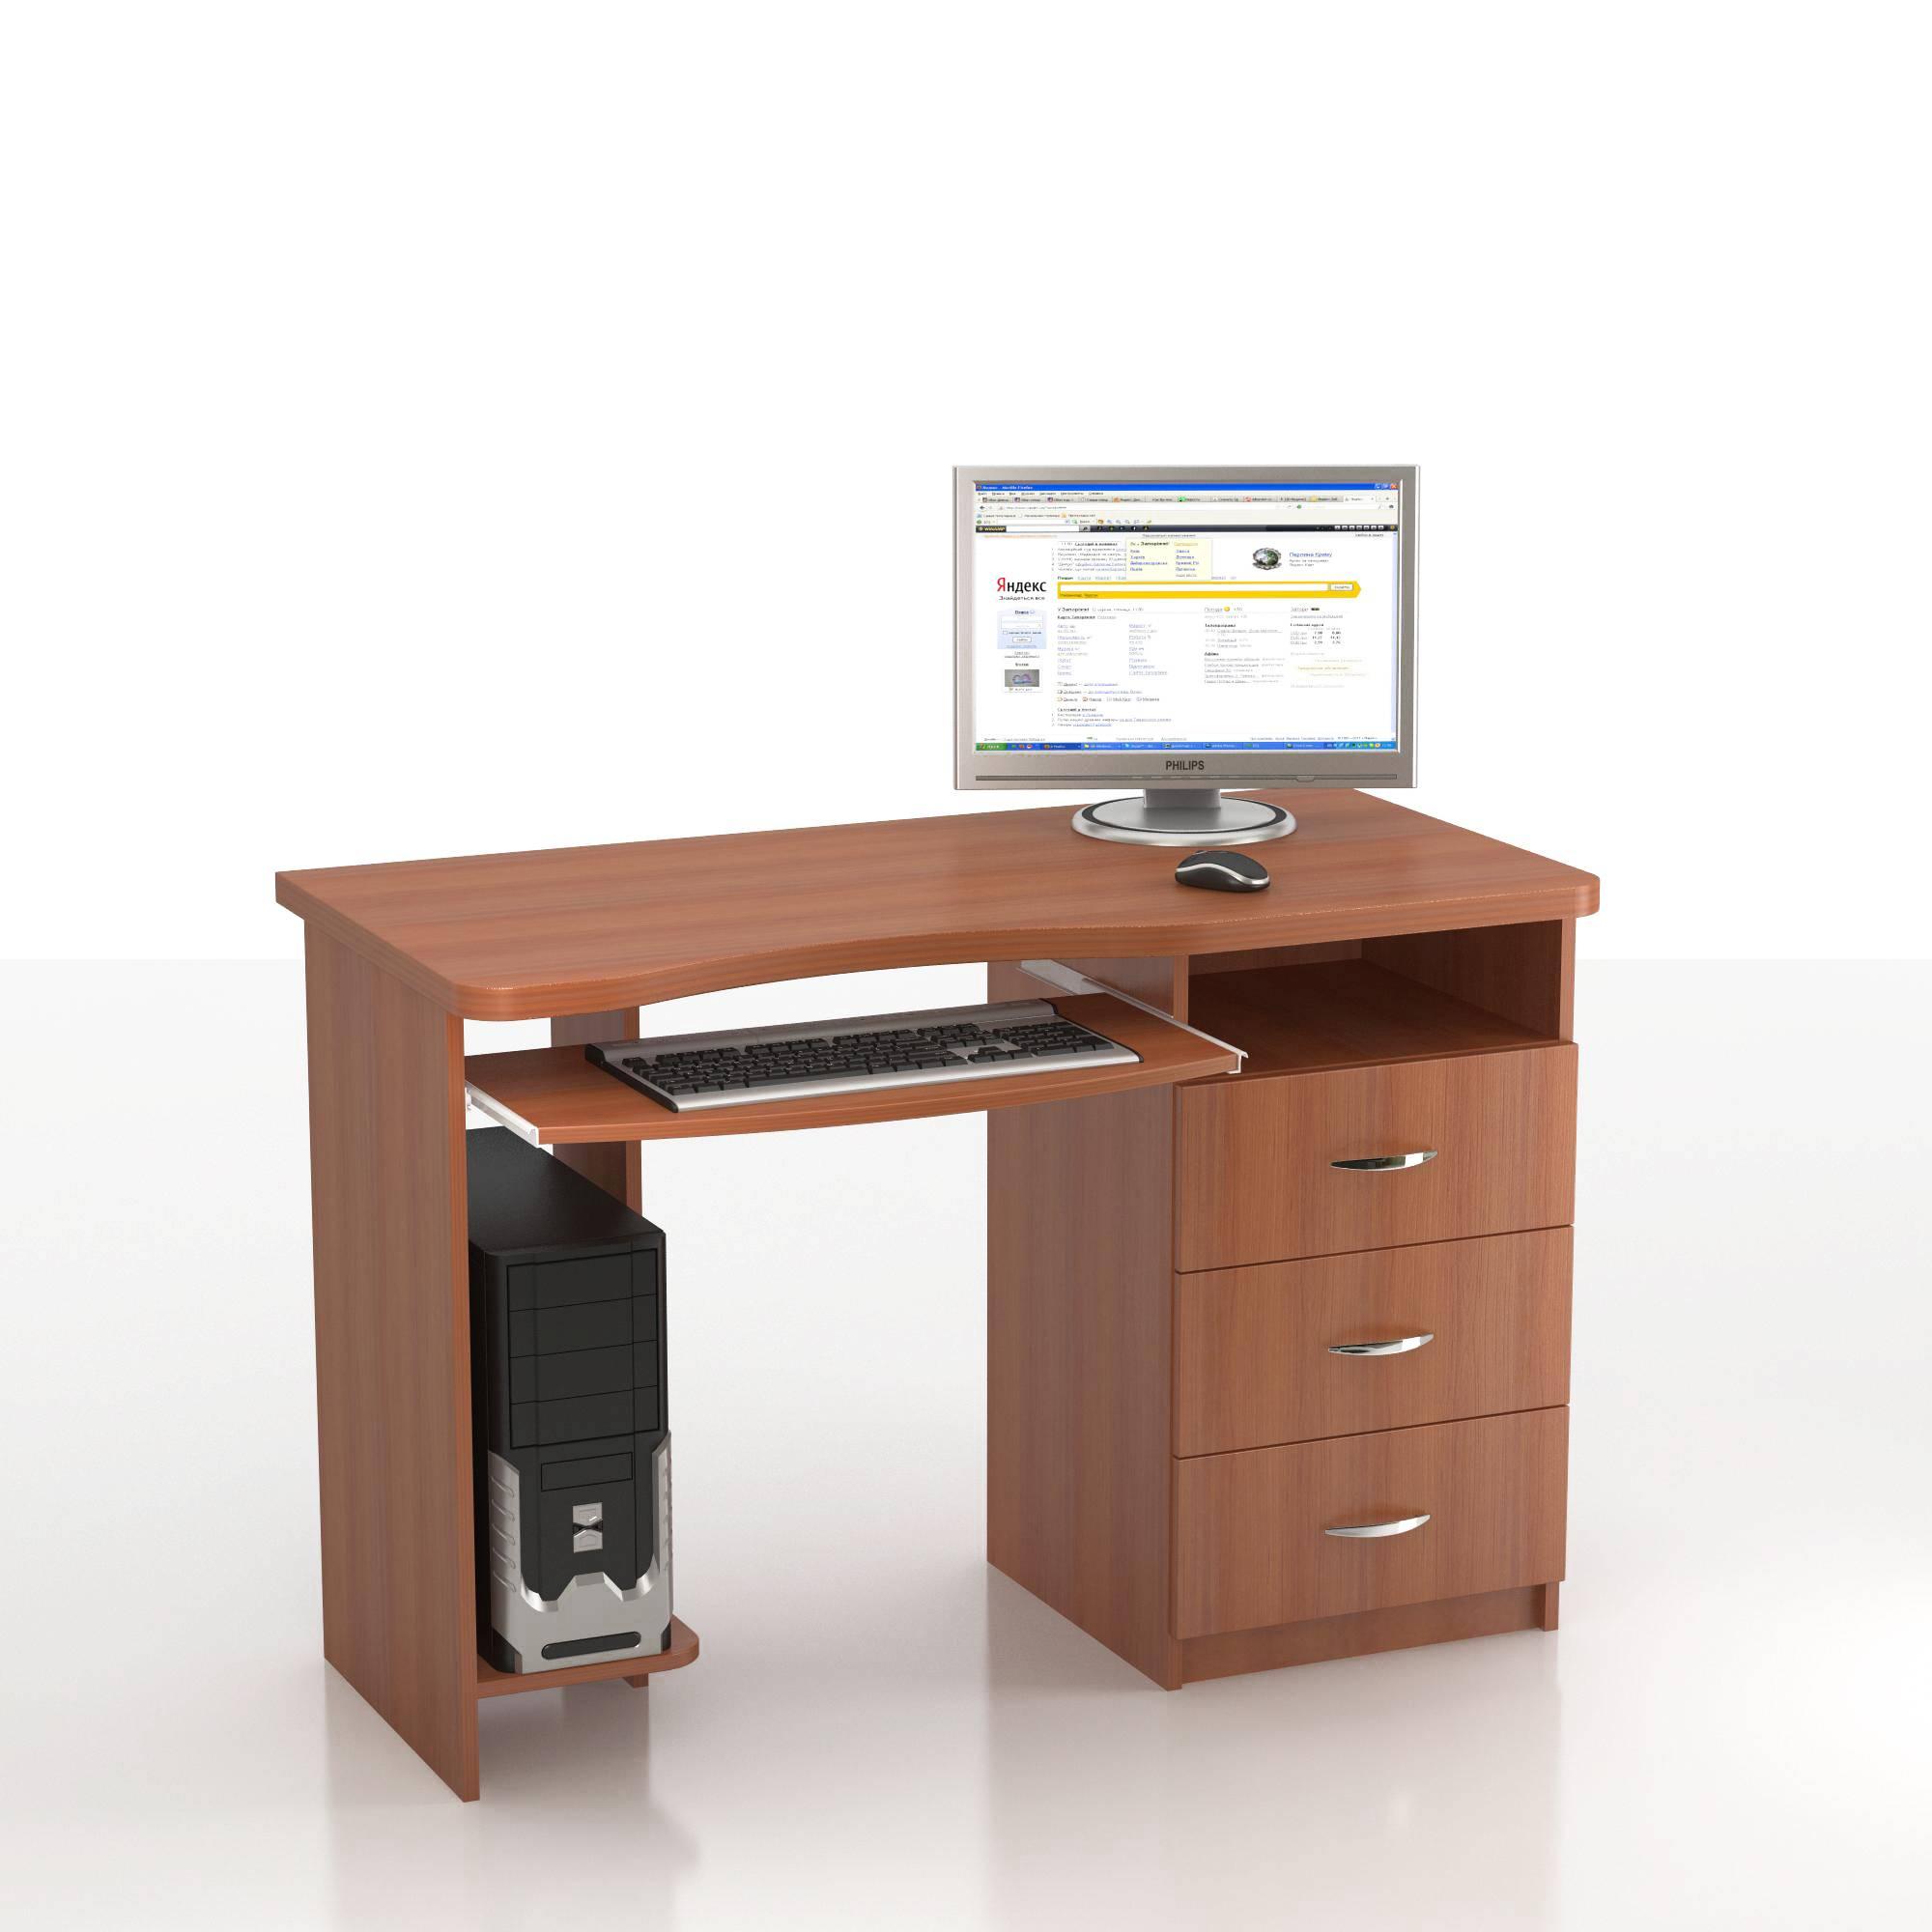 Компьютерный стол ная кс-10м левый, правый от мебелиум - меб.